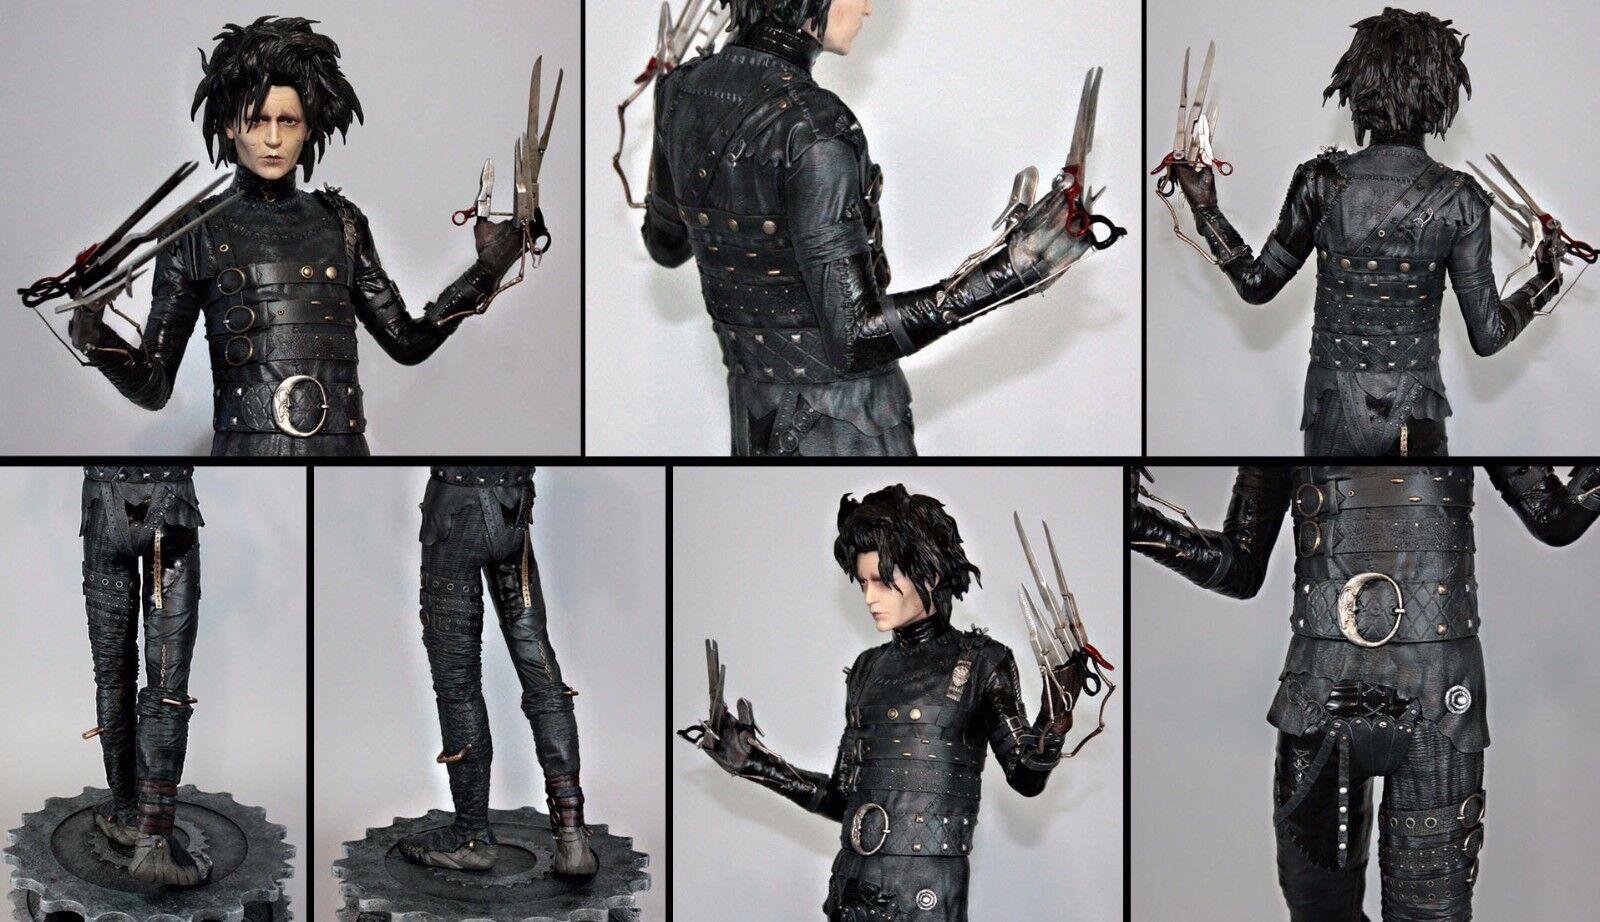 HCG - Johnny Depp as as as Edward Scissorhands 1/4 Statue - Tim Burton bfbca8